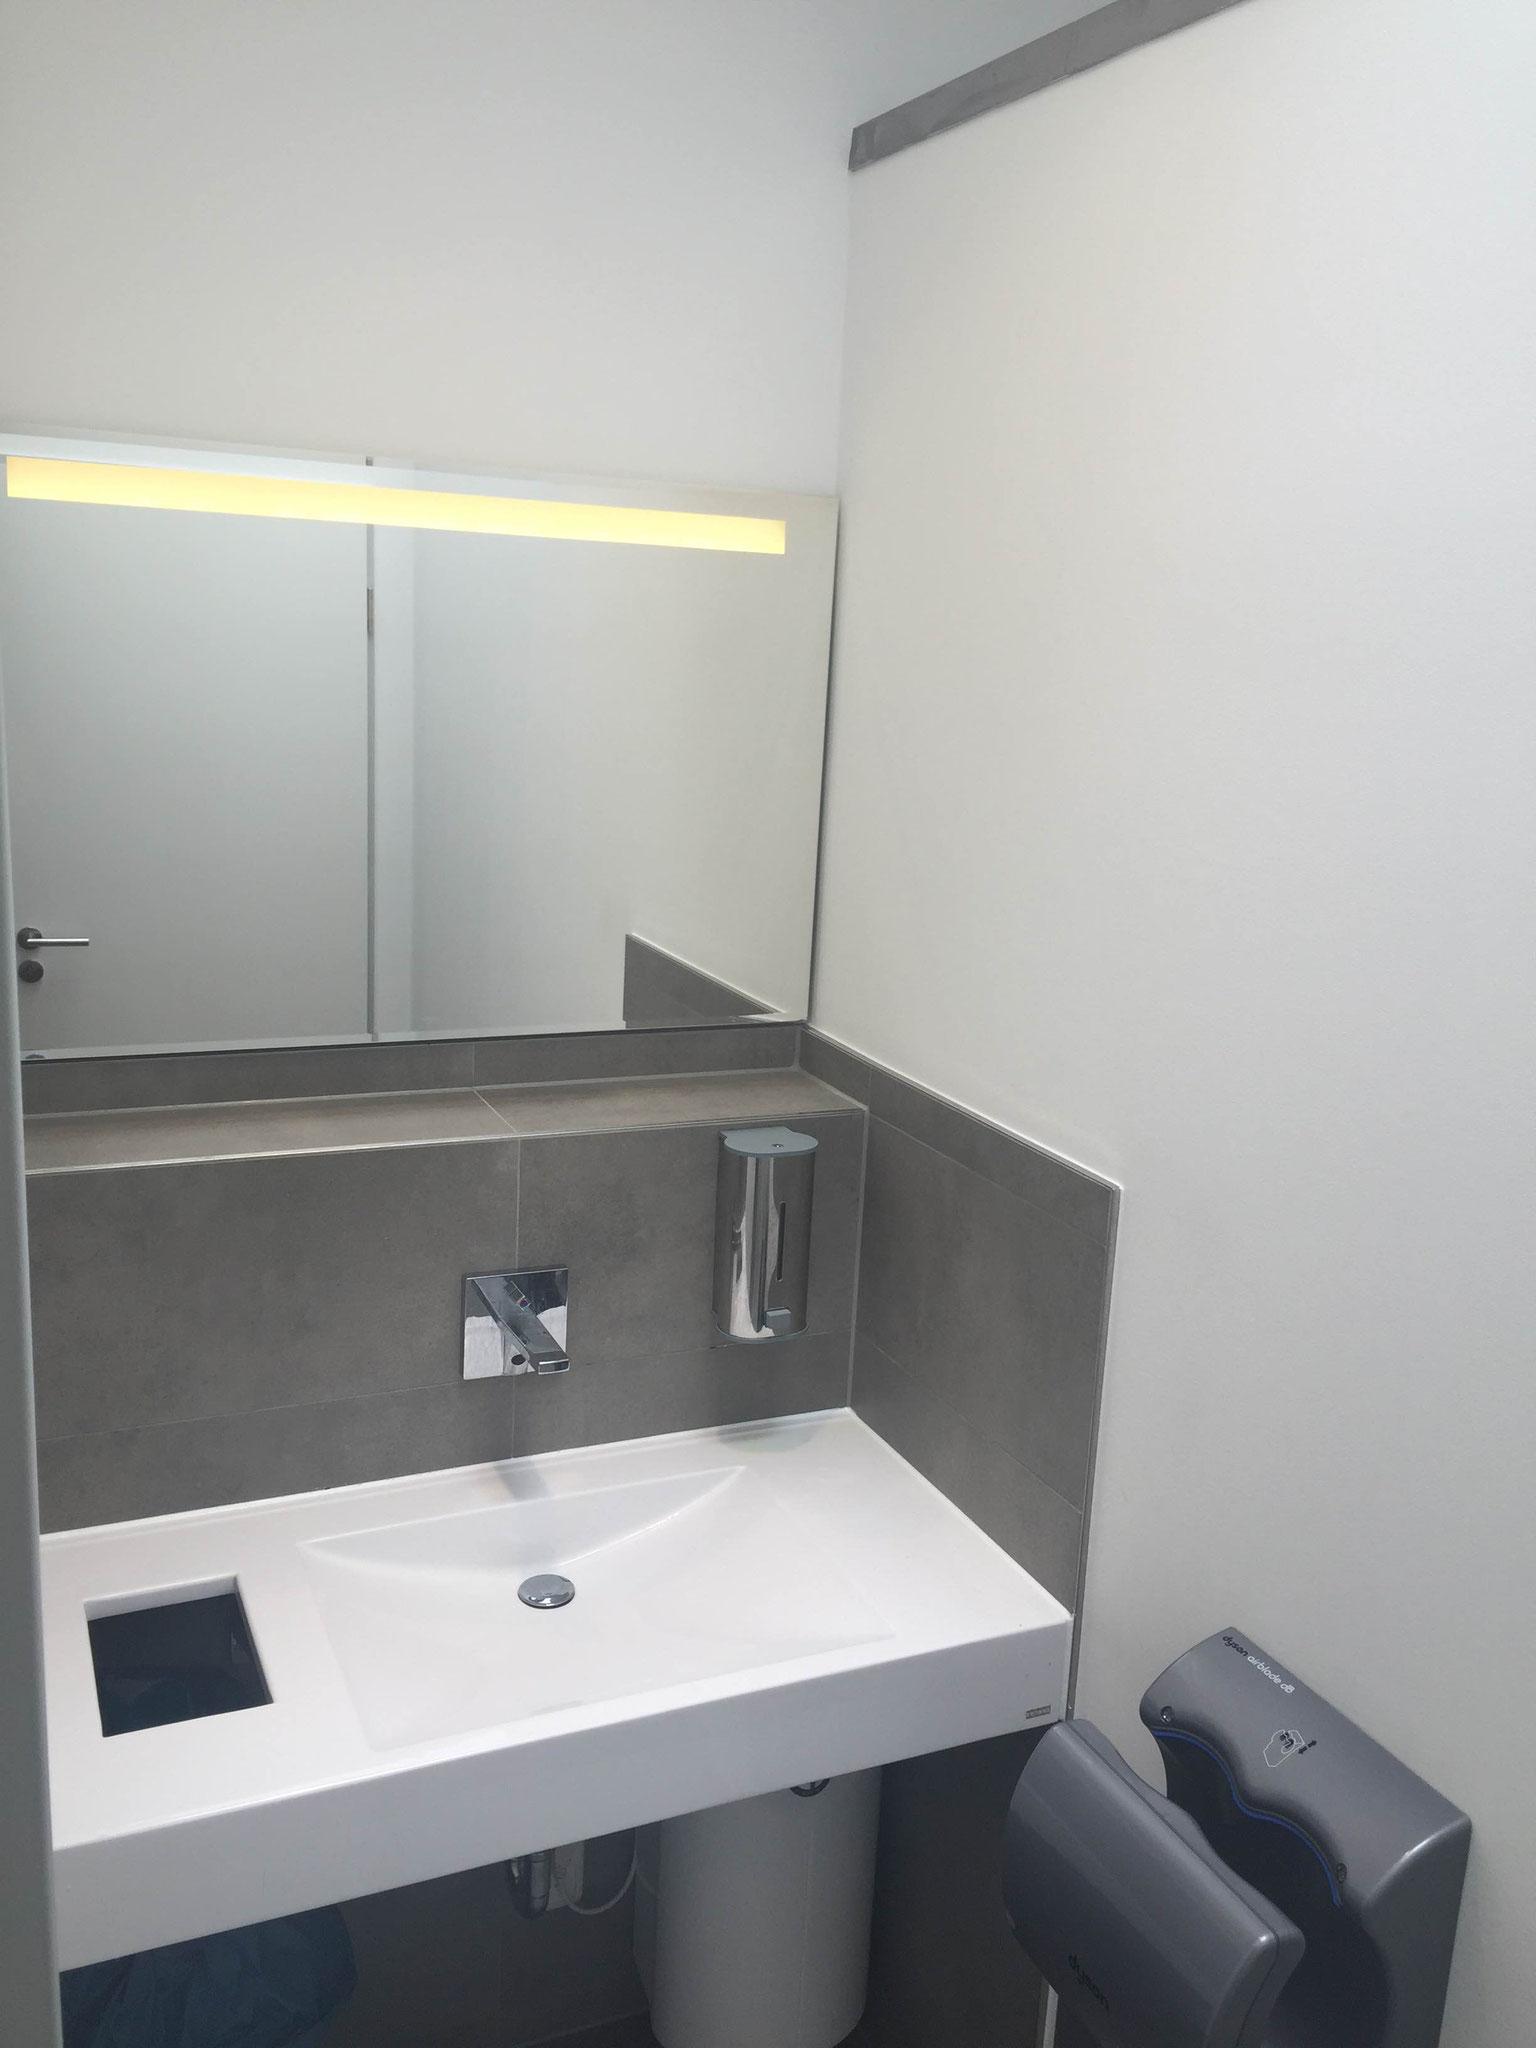 WC- Anlagen Welau Arcaden in Wedel // März 2016